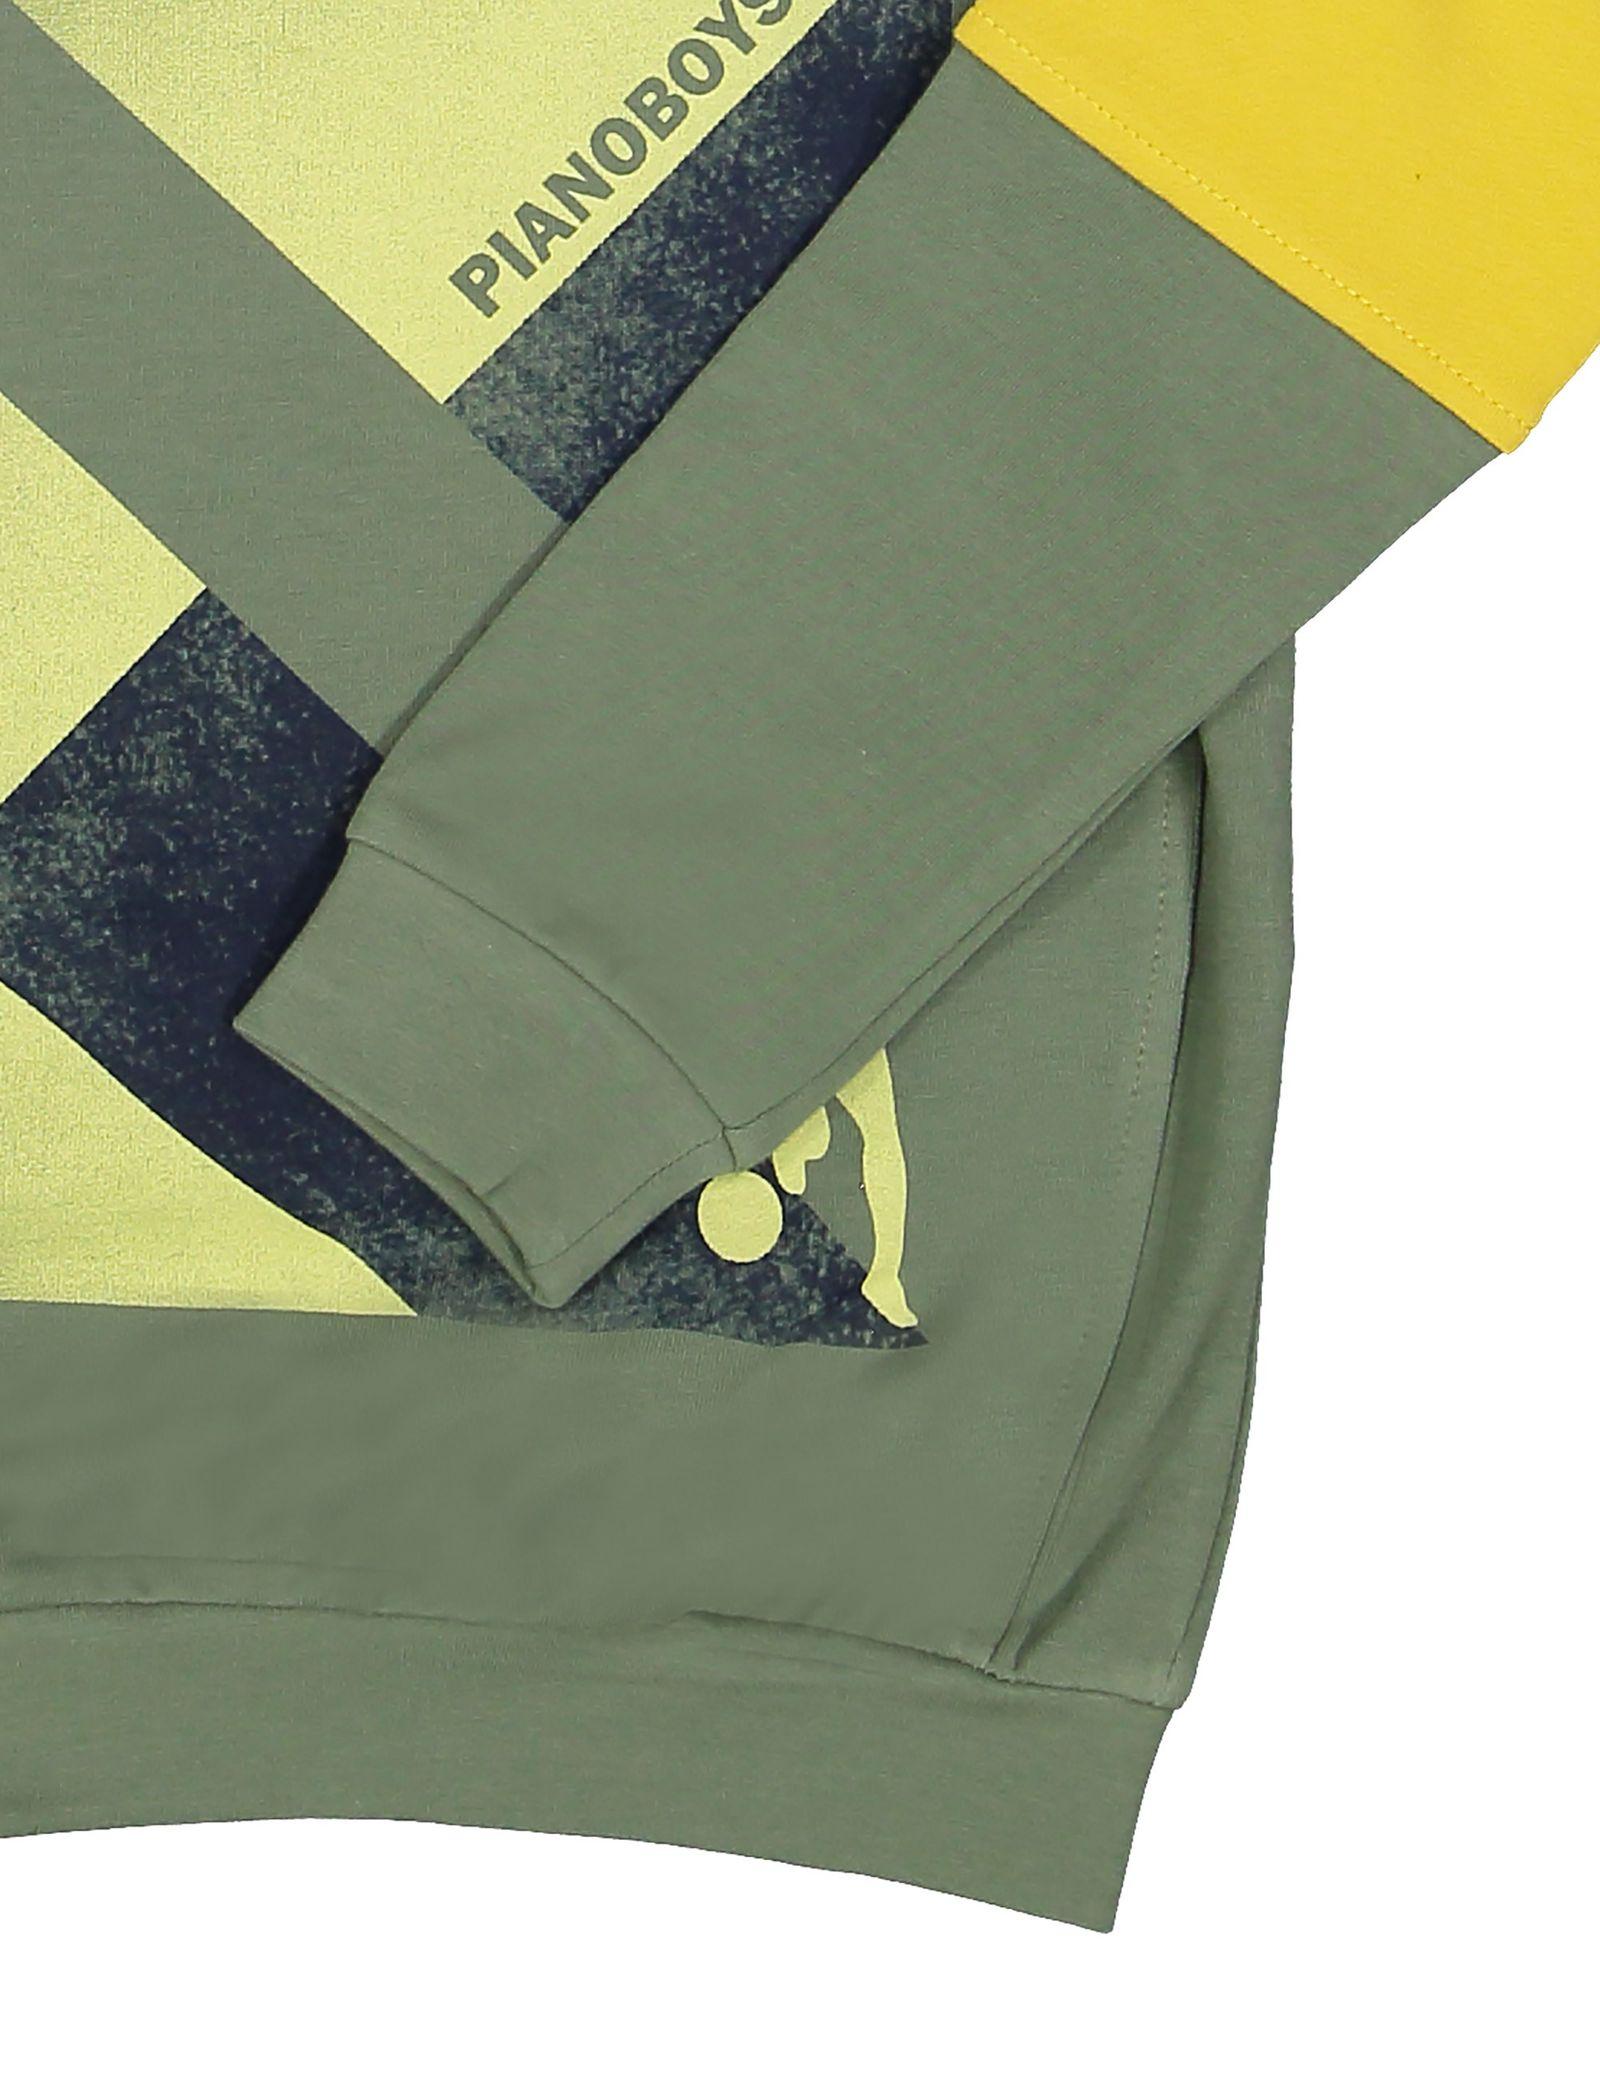 پیراهن و شلوار پسرانه - پیانو - سبز - 6